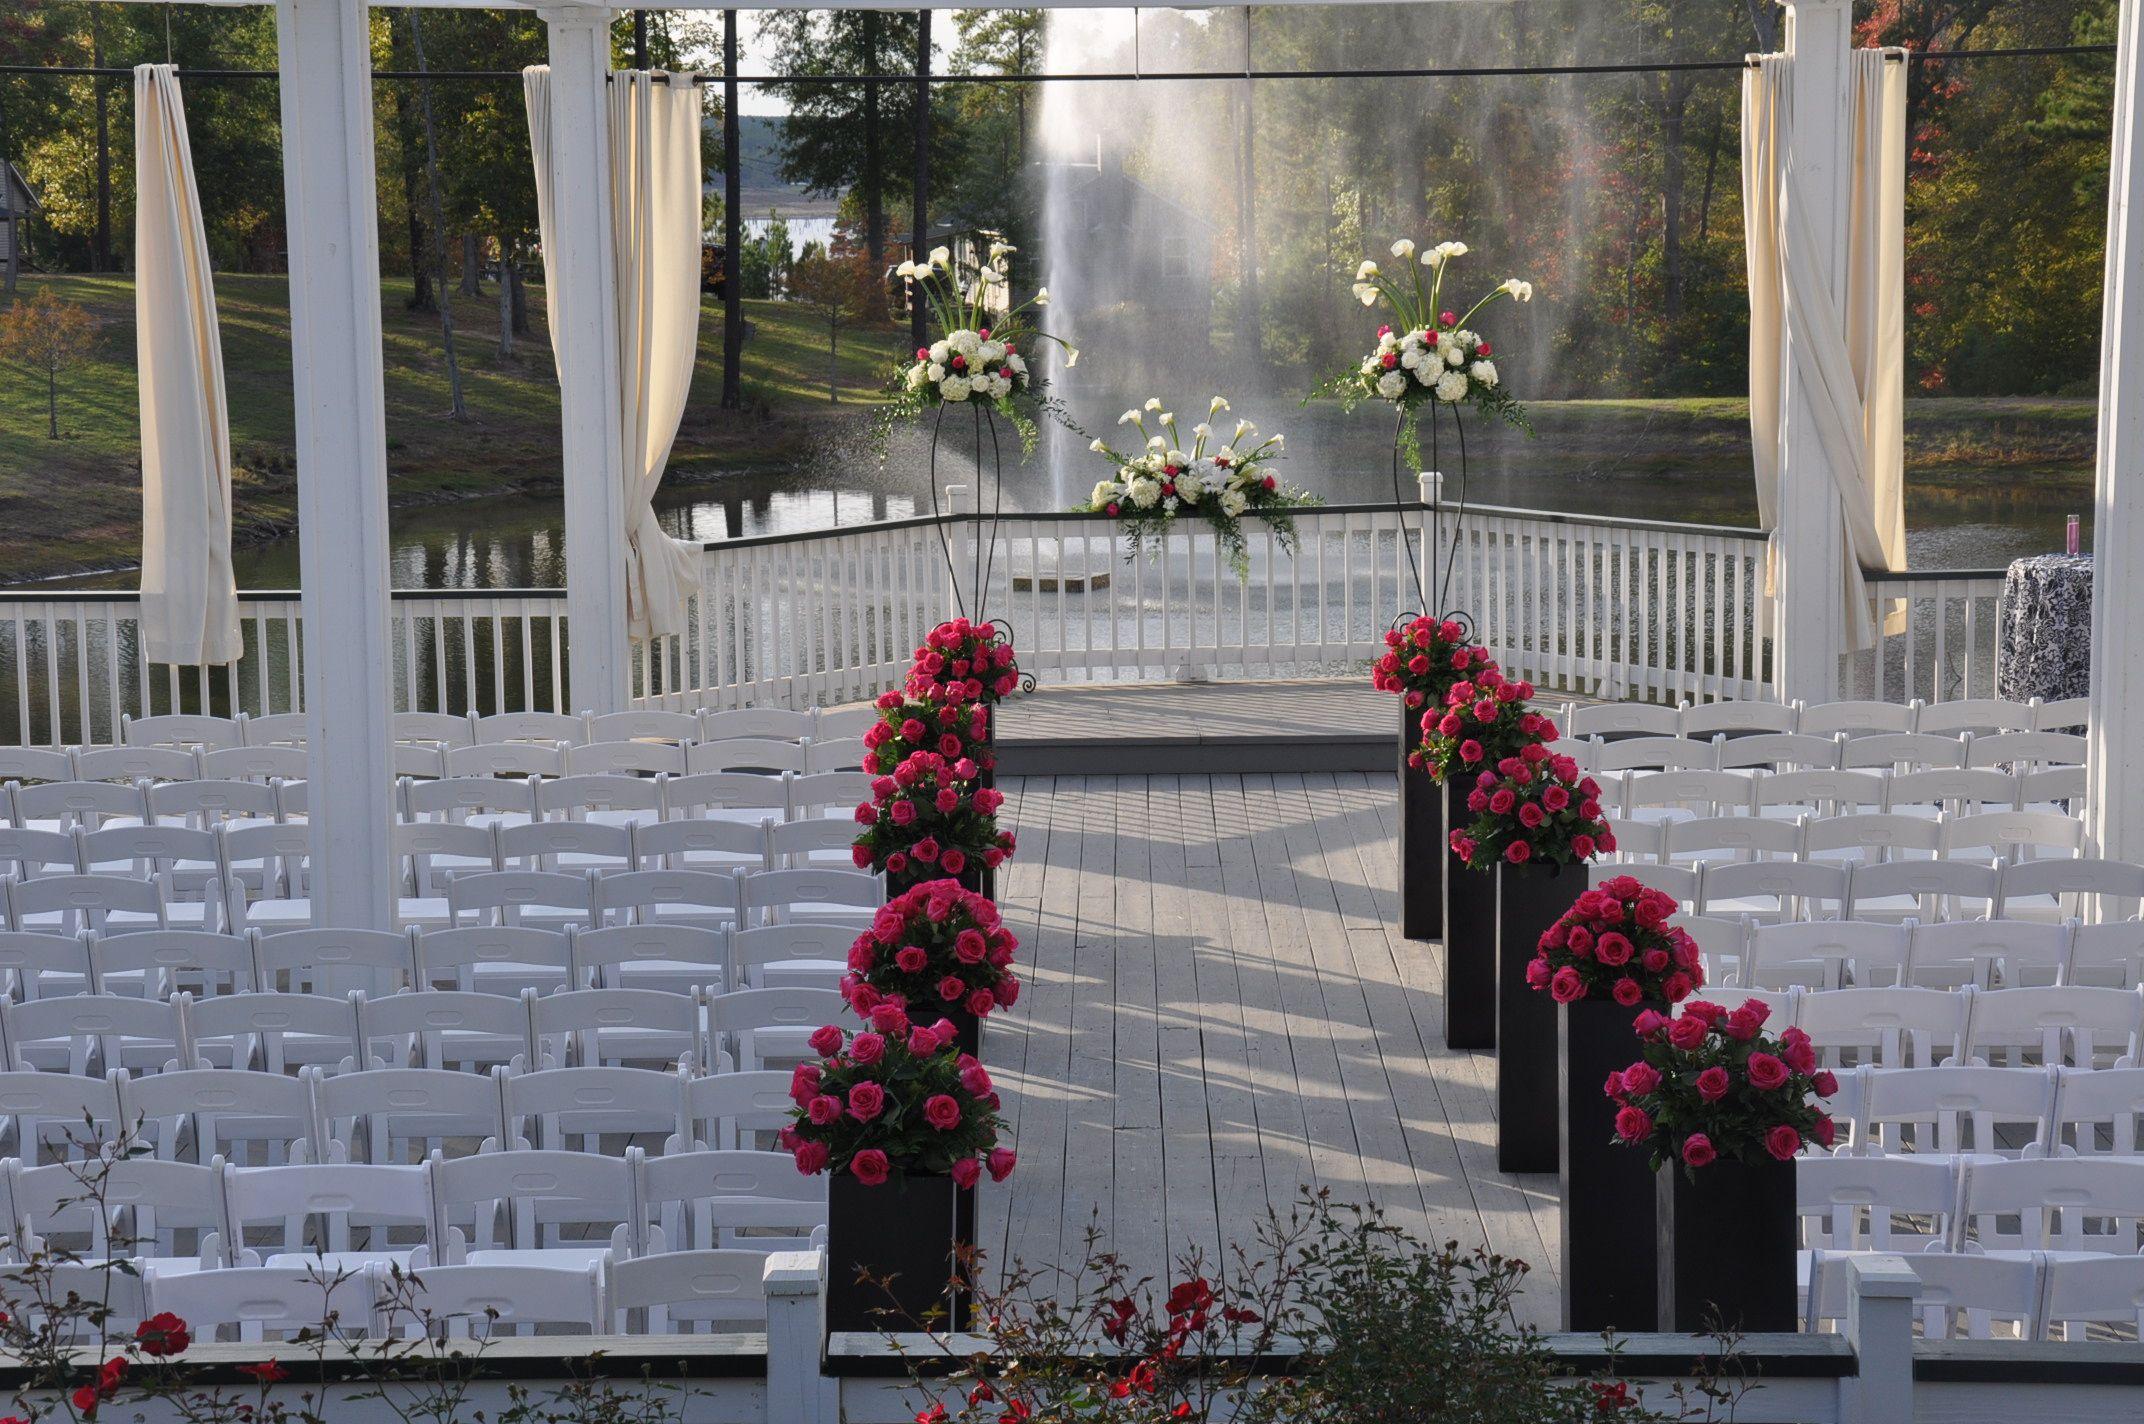 Outdoor wedding on wildwood deck overlooking pond